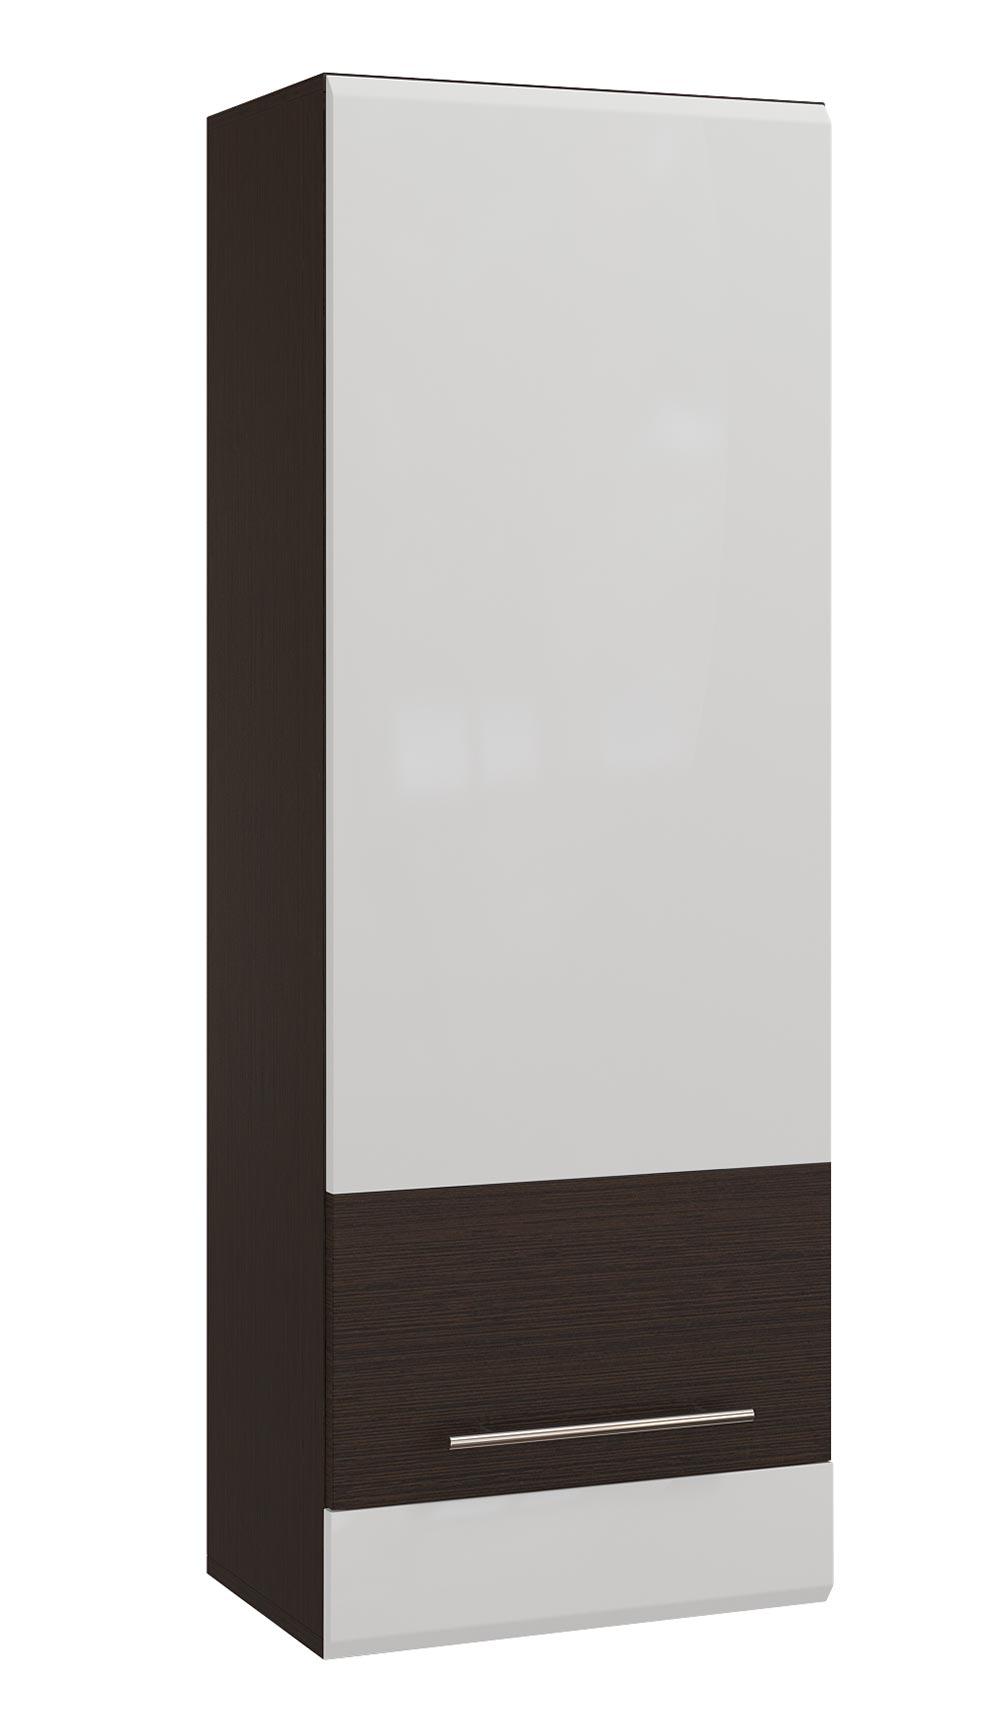 Пенал верхний правый с дверью Кентавр 2000 Гермес, арт. 21